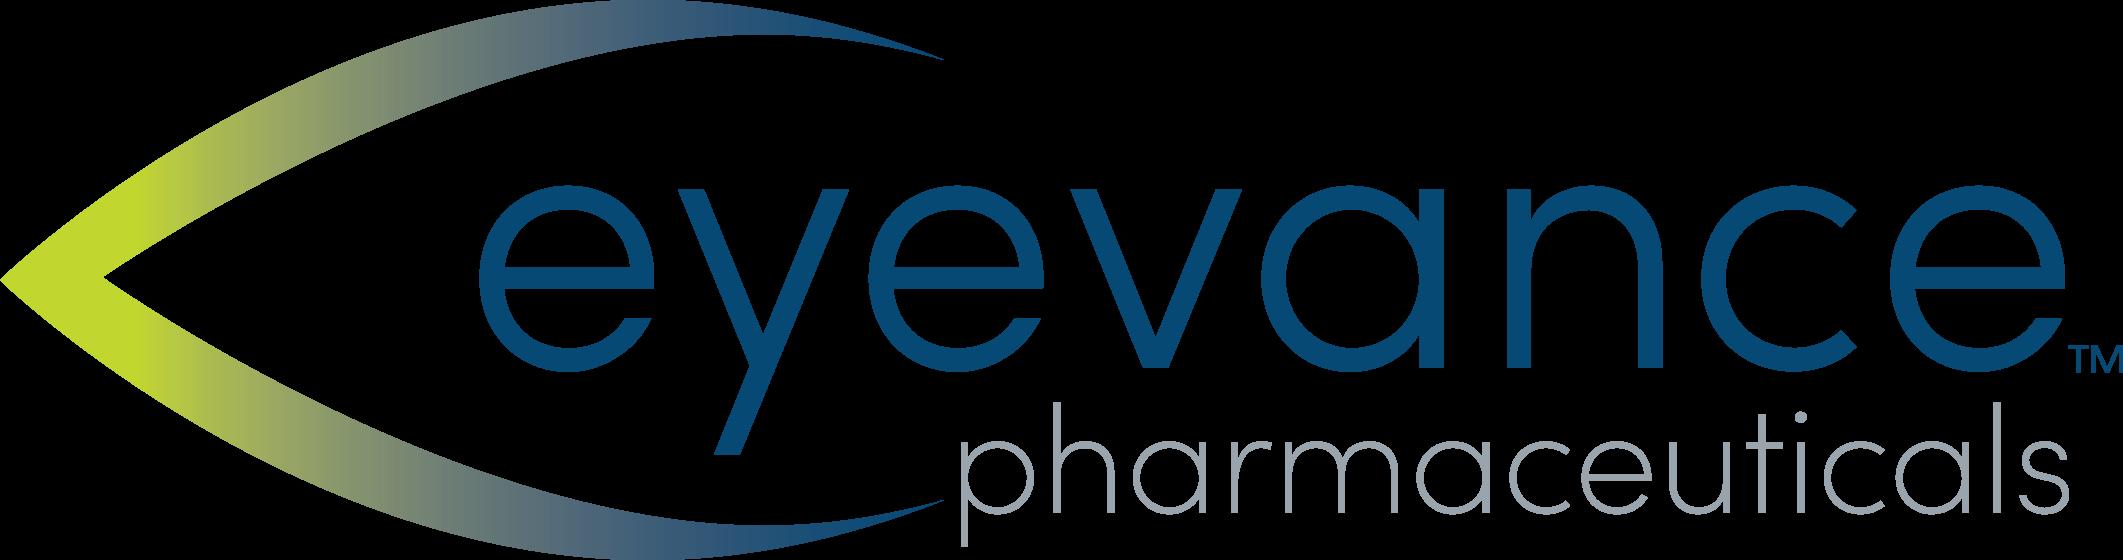 Eyevance Logo.png